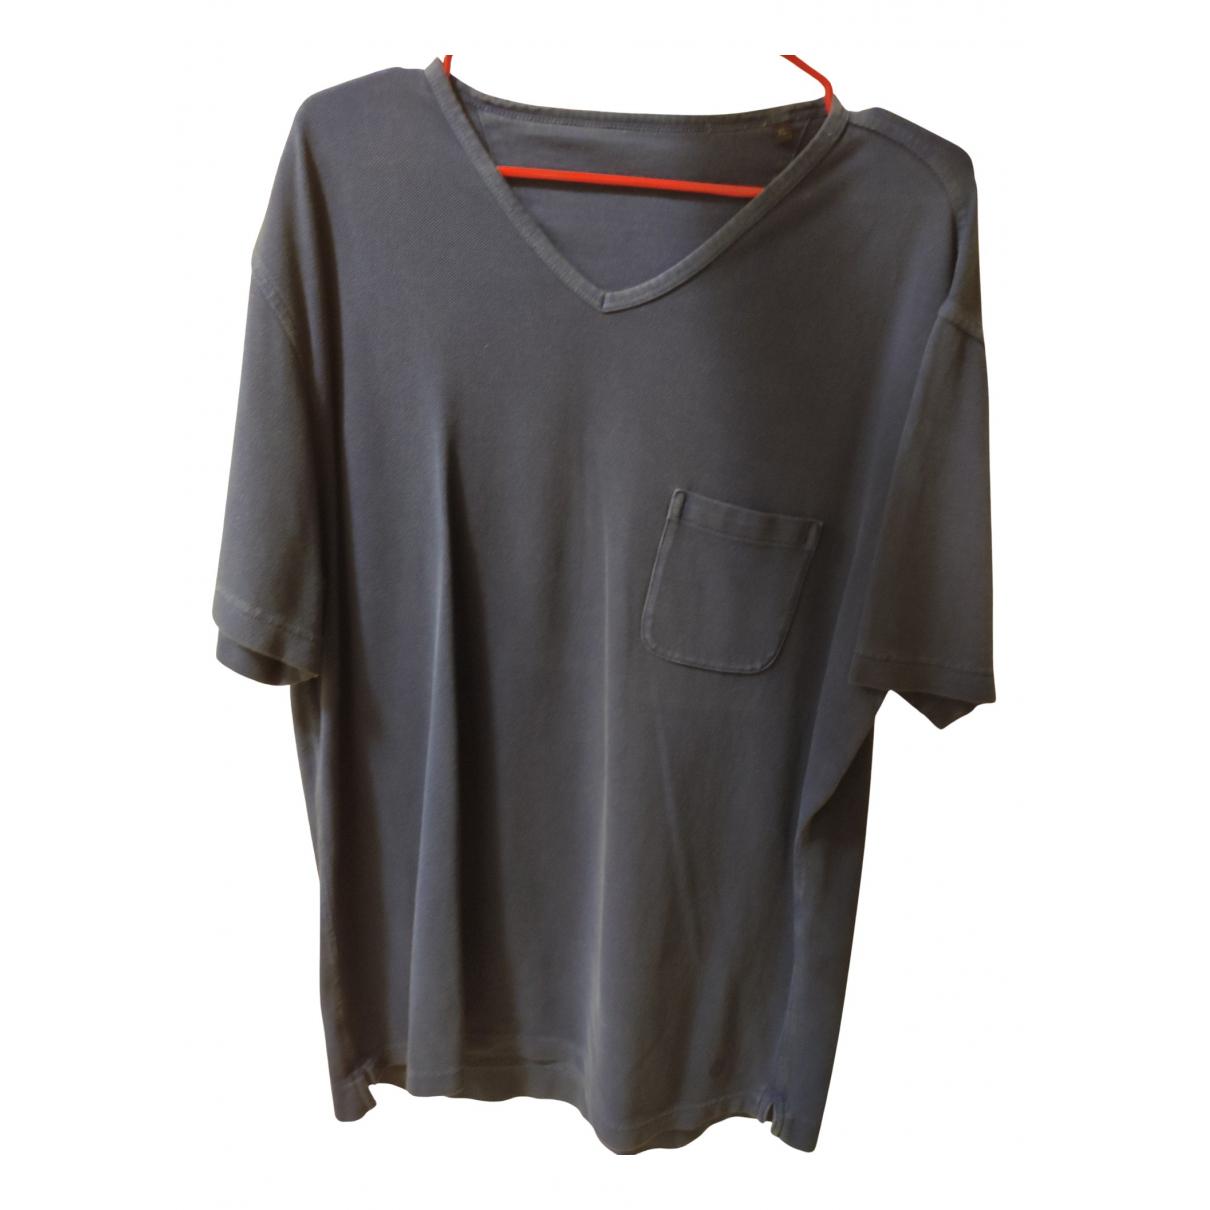 Z Zegna - Tee shirts   pour homme en coton - bleu